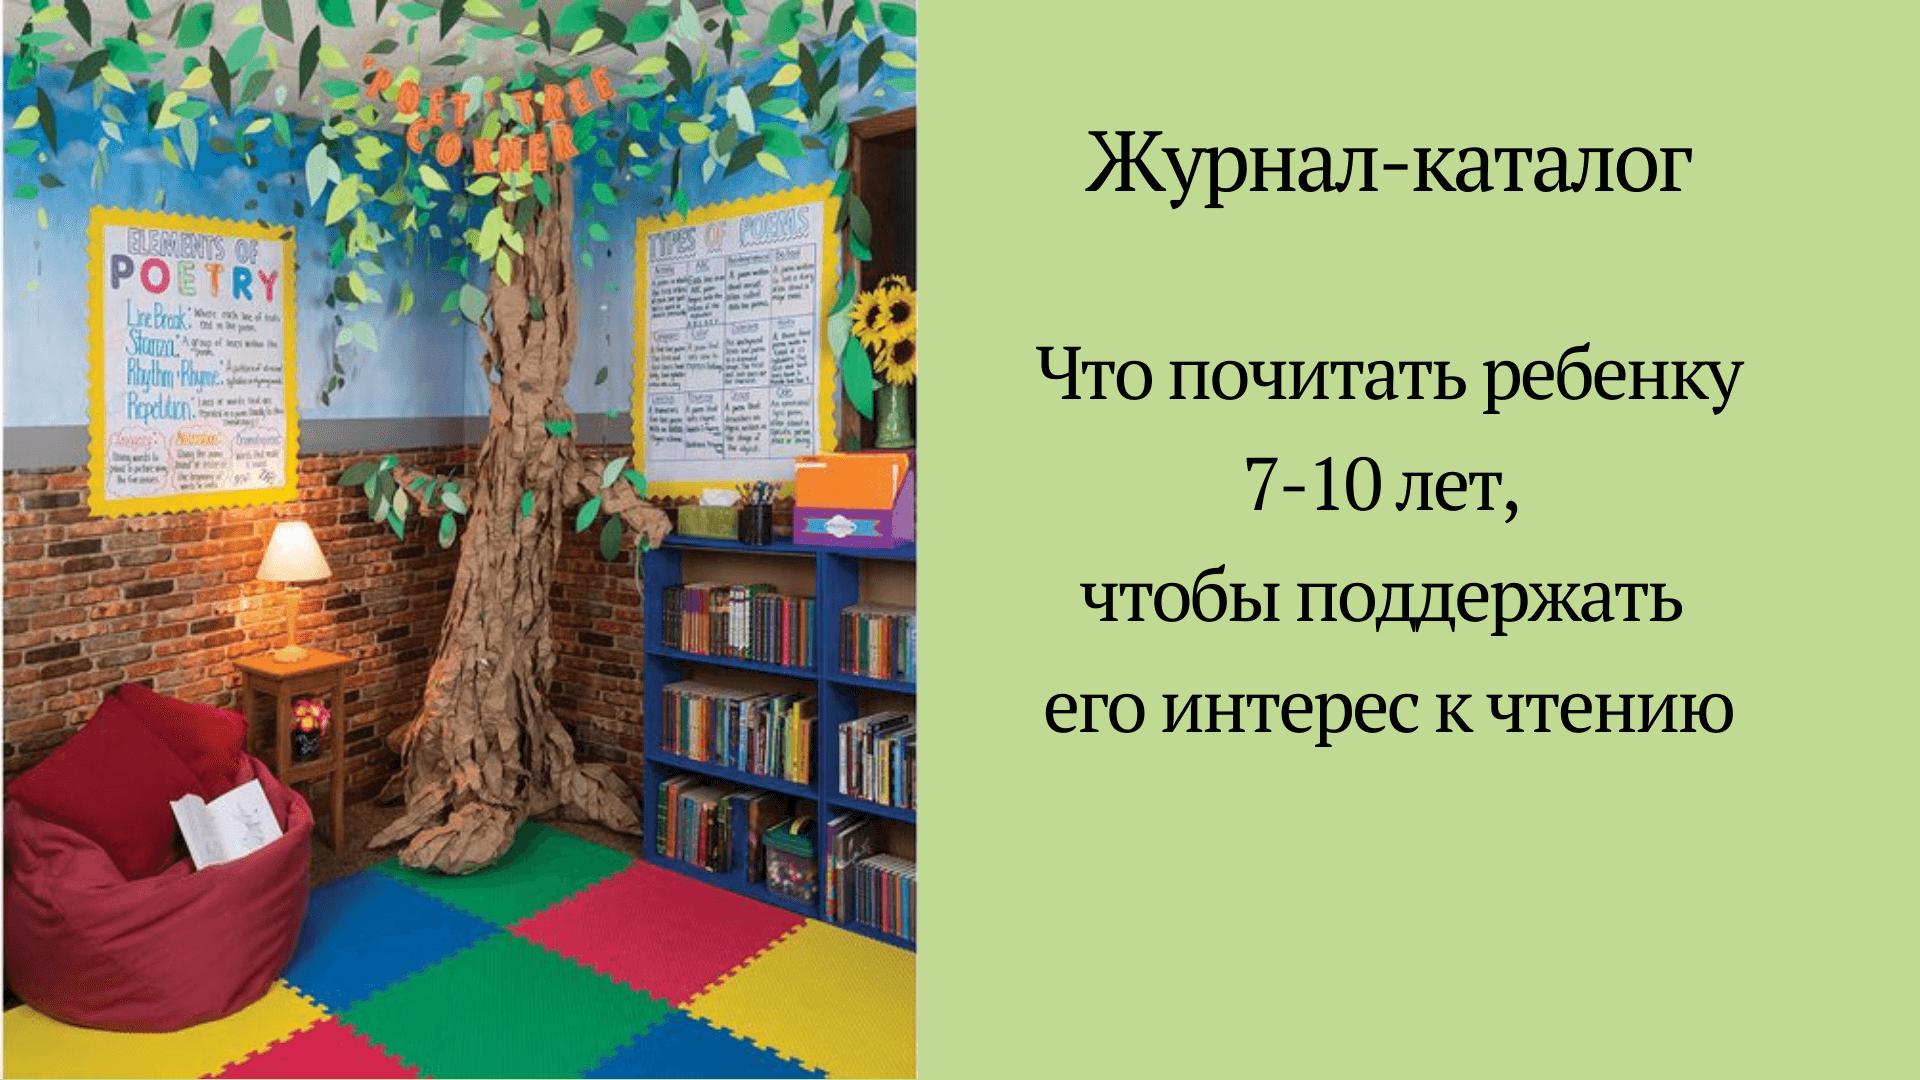 Журнал-каталог Что почитать ребенку 7-10 лет чтобы поддержать его интерес к чтению книг | Мир в слове. Блог о том, как привить ребенку любовь к чтению